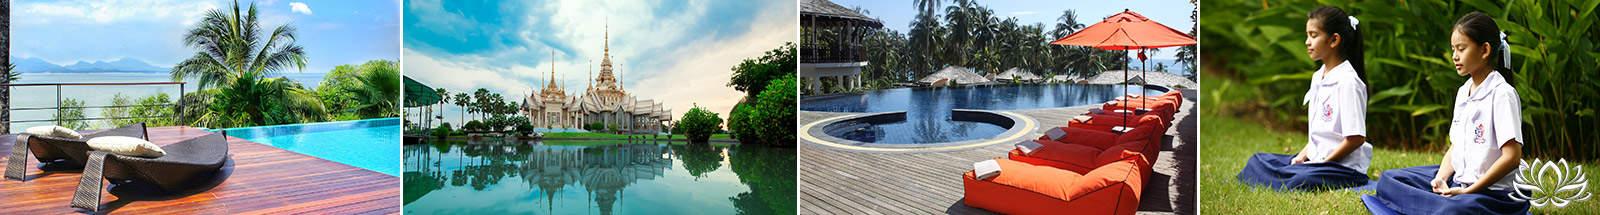 maison à louer en Thaïlande bord de mer,vivre en Thaïlande, expat, expatsiam, siamexpat